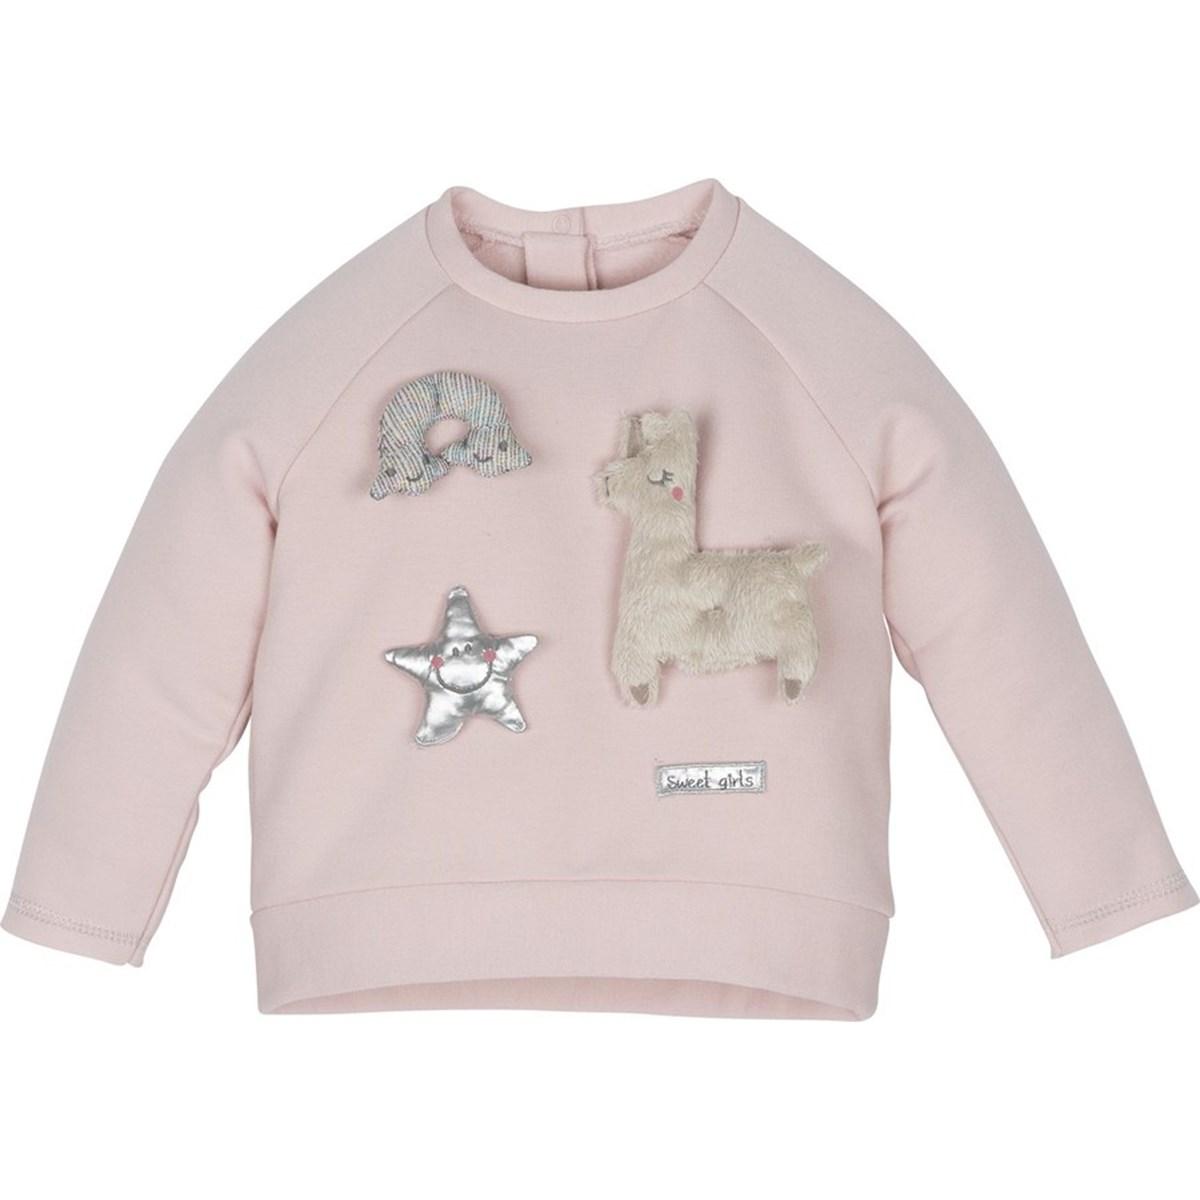 12552 Sweatshirt 1